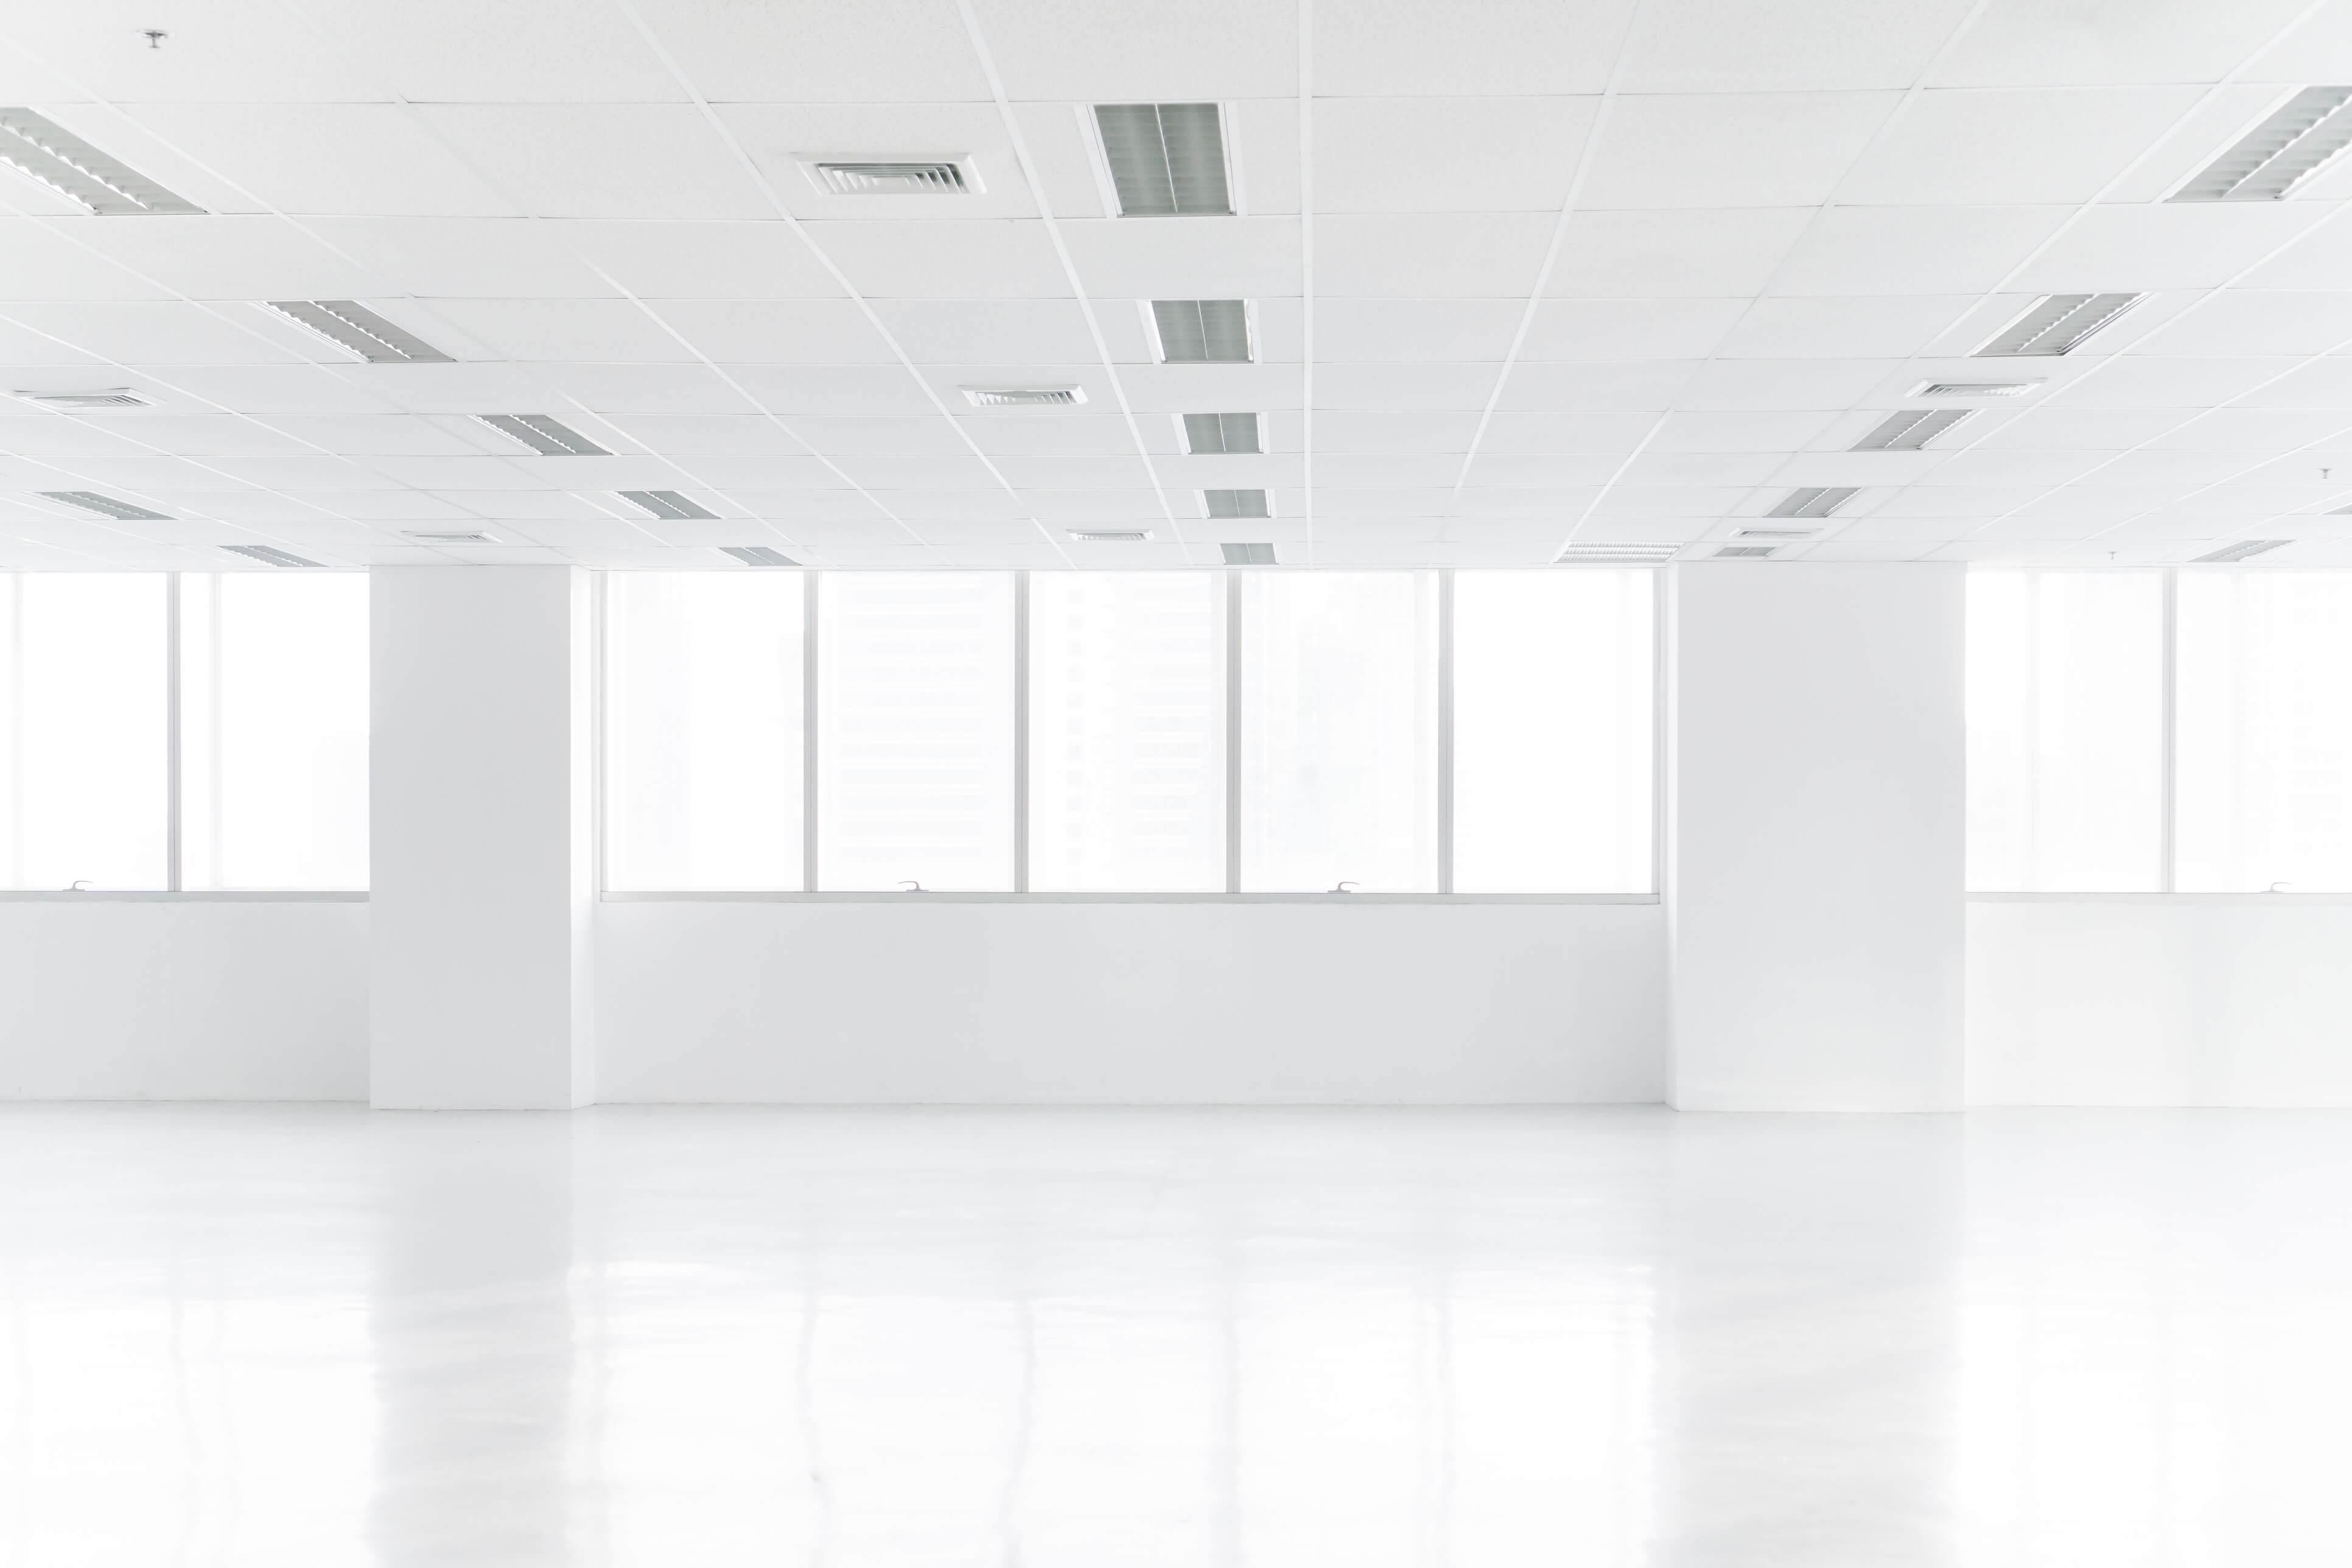 オフィスの移転・原状回復なら東京港区オージェント合同会社|オフィス改装になくてはならい存在(PC用02)